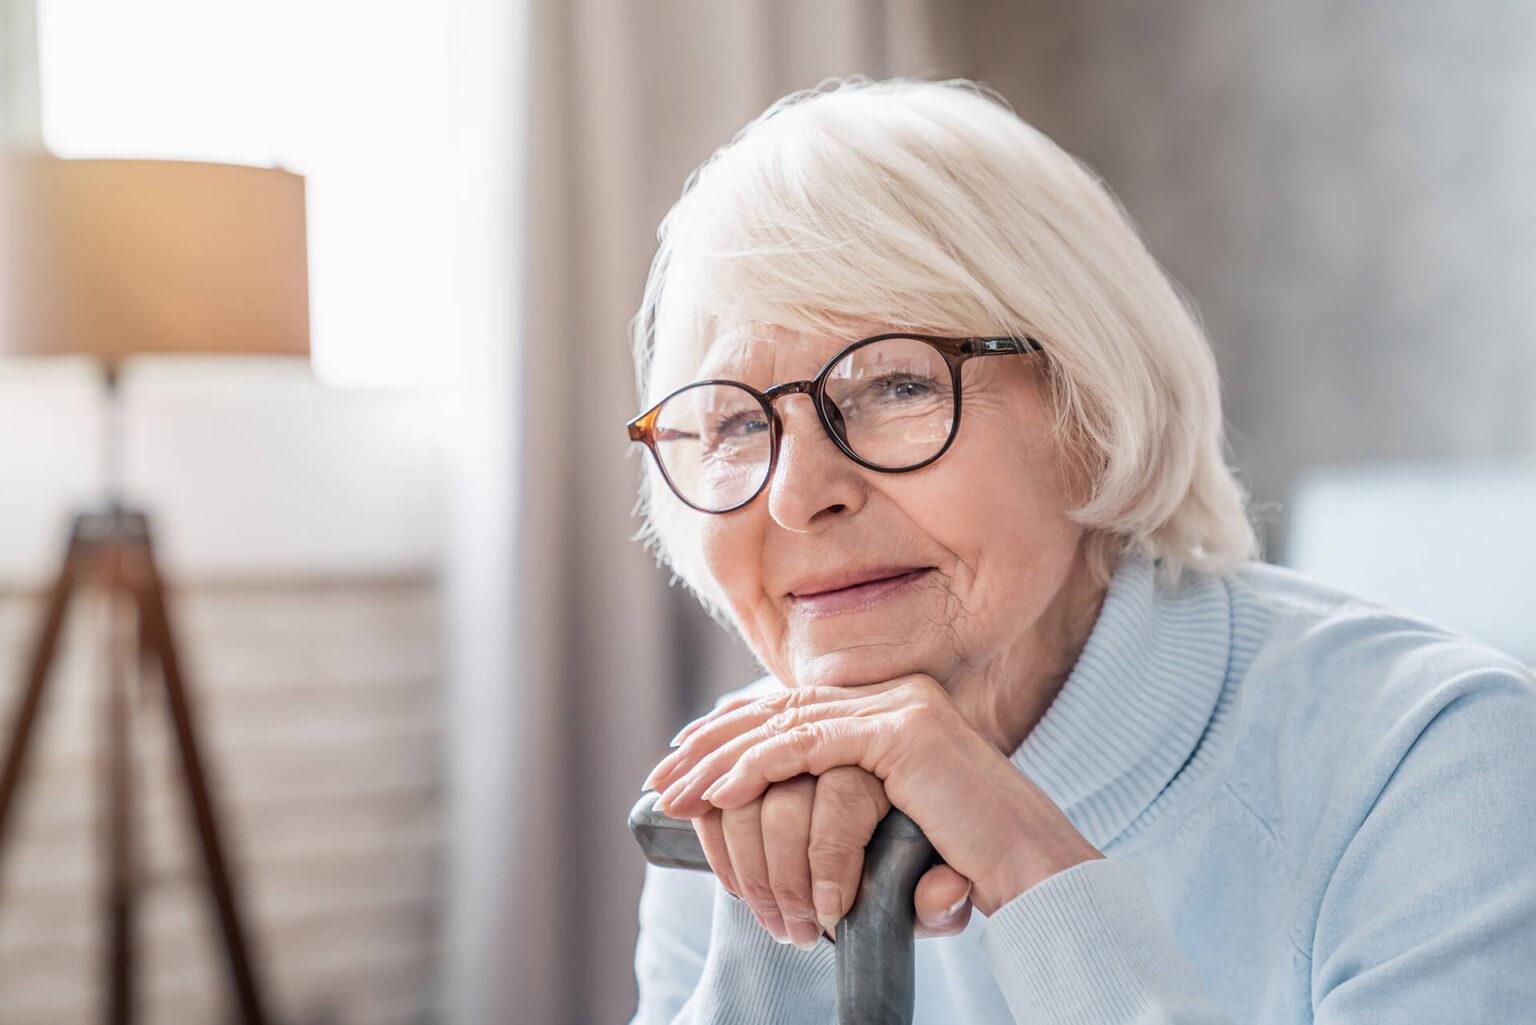 Frau bei der 24 Stunden Pflege und Betreuung für Demenz